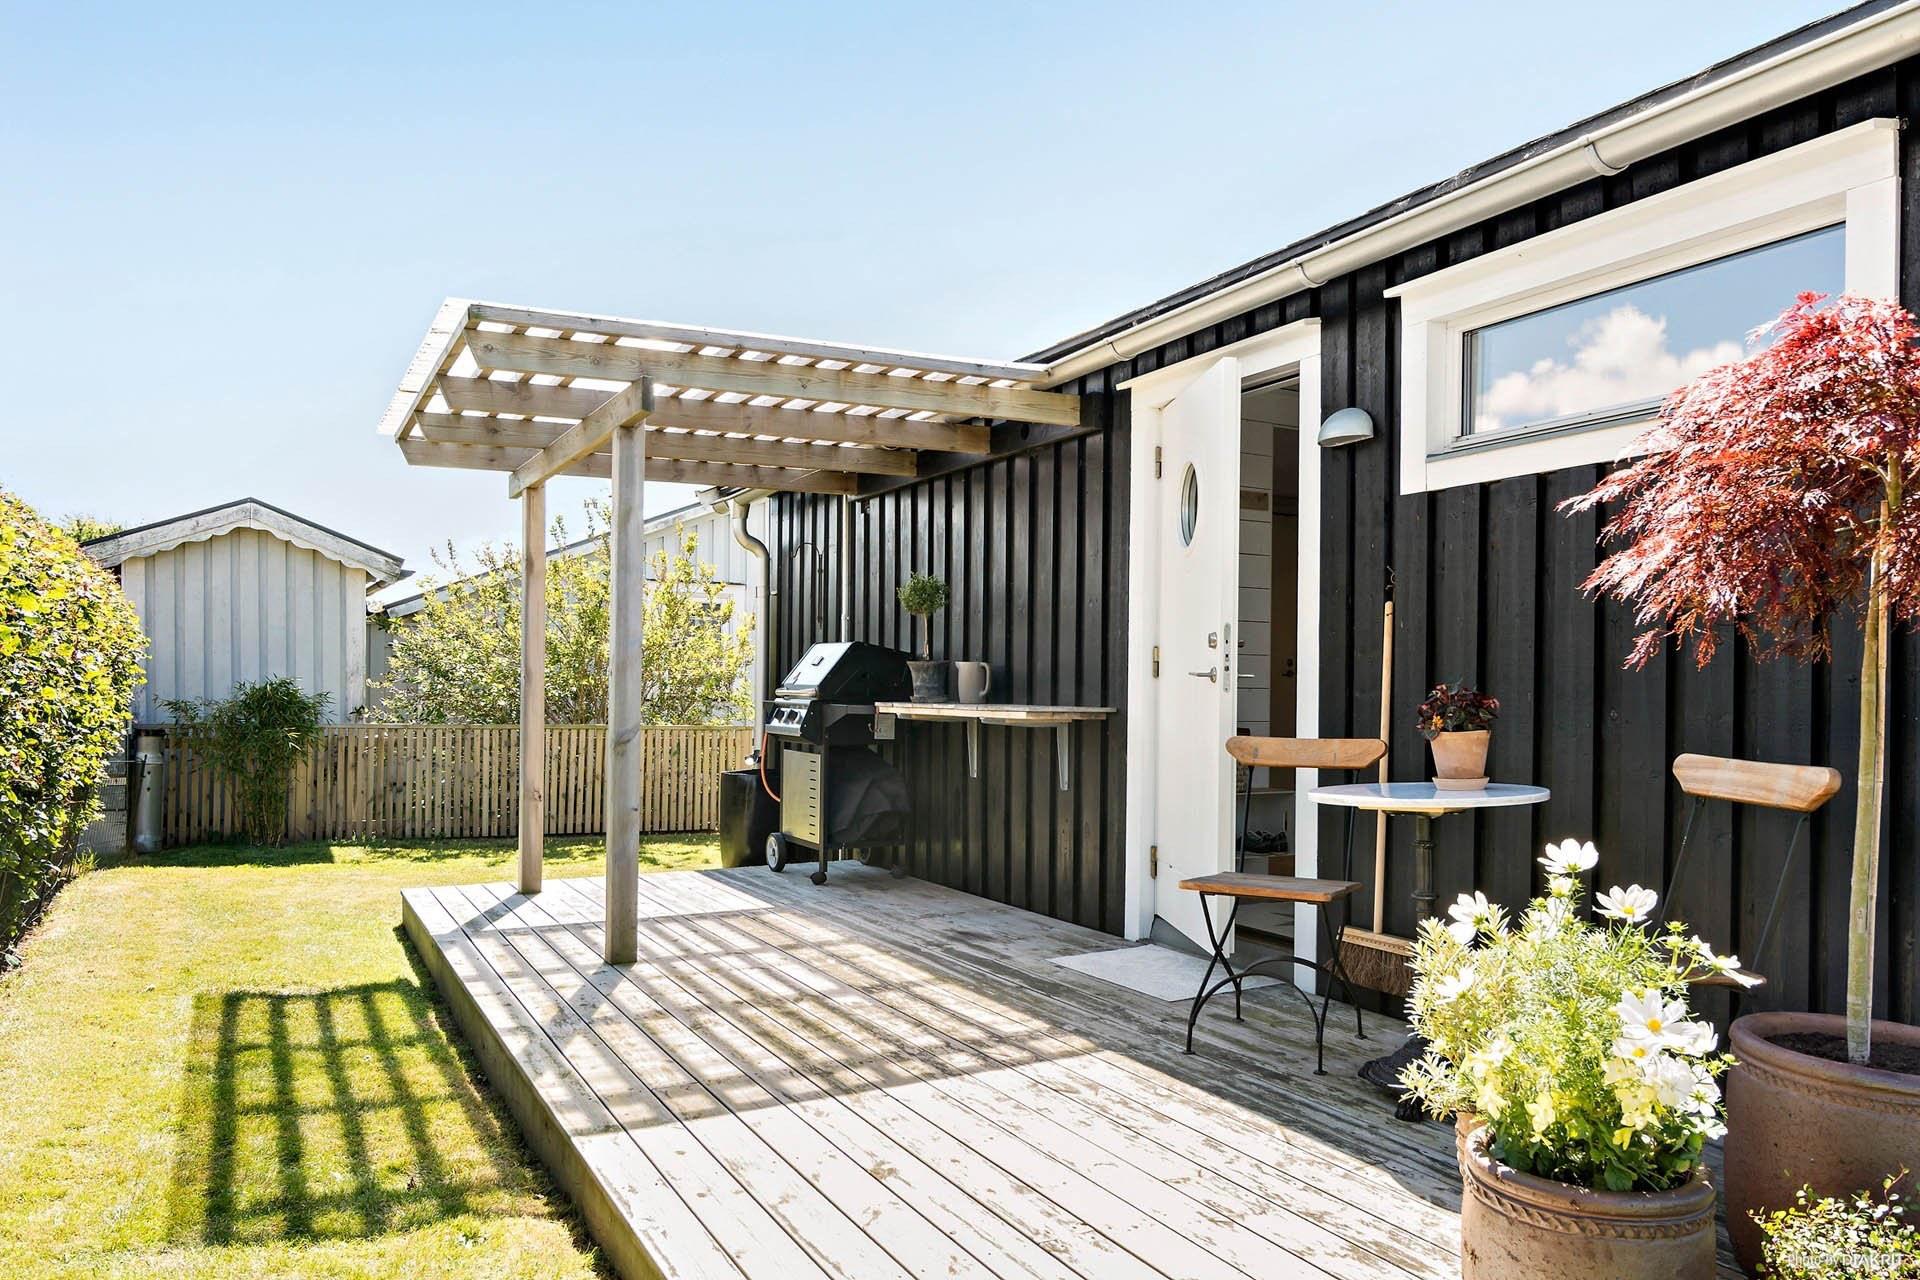 Ngôi nhà 45m2 tọa lạc trên thảm cỏ xanh mượt với không gian sống trong lành ai nhìn cũng thích - Ảnh 12.